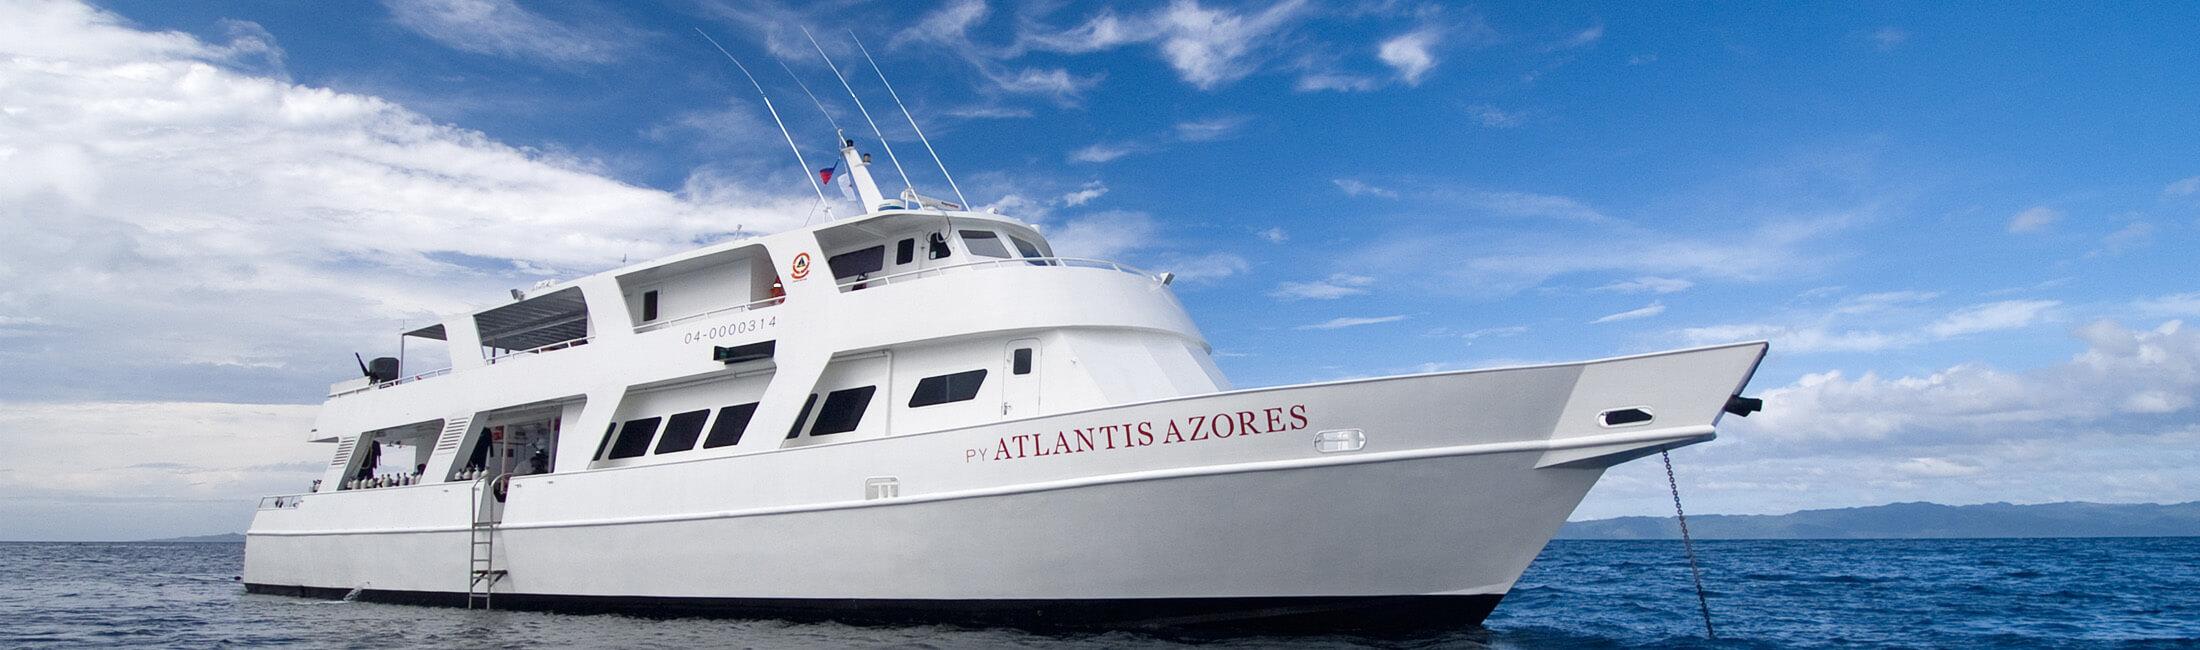 atlantis philippines azores